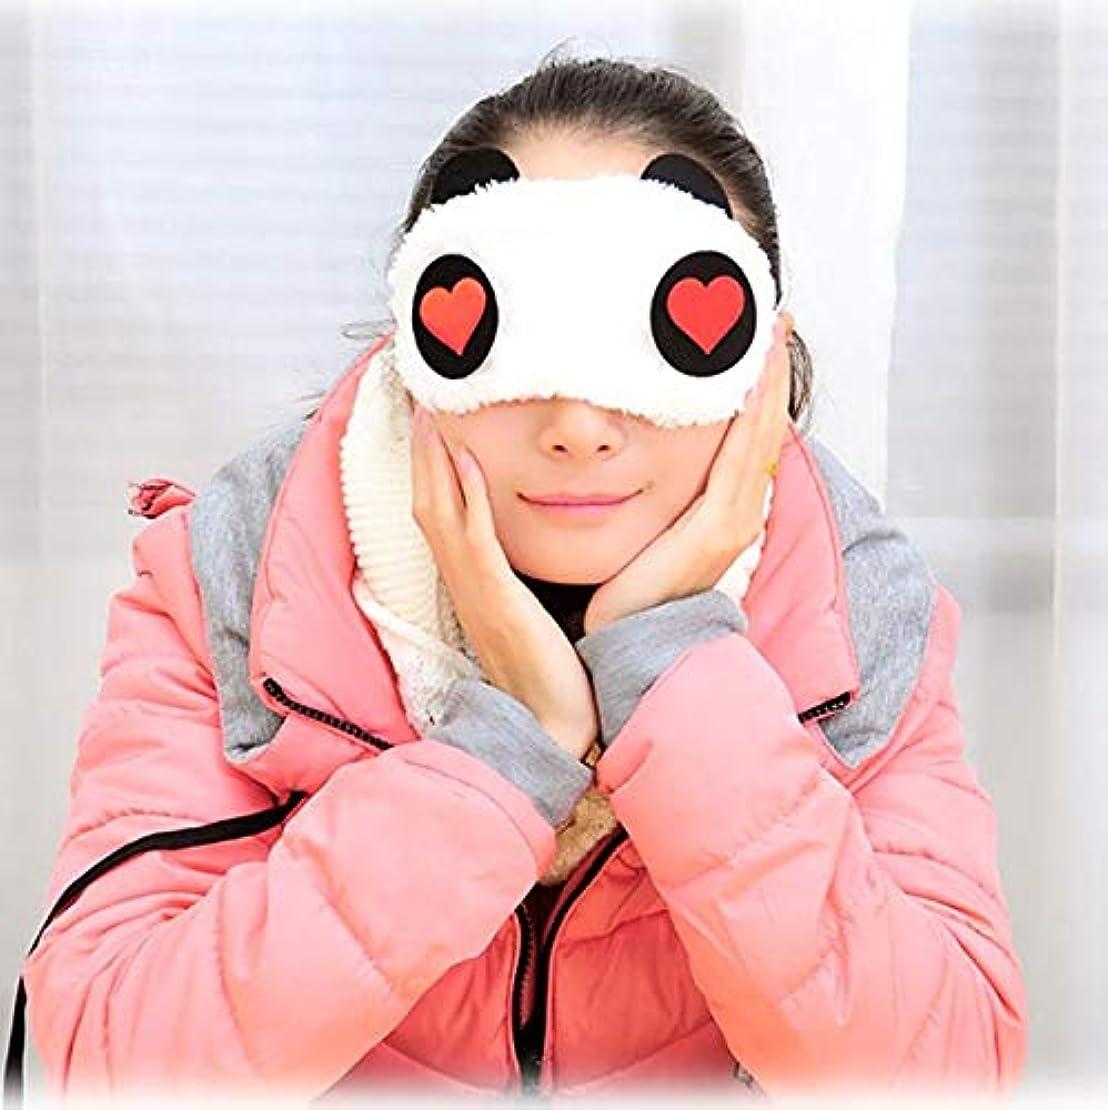 霧底高音NOTE かわいいパンダアイマスクアイシェードシェーディング睡眠コットンゴーグルアイマスク睡眠マスクアイカバーヘルスケア睡眠アイマスクドロップシップ